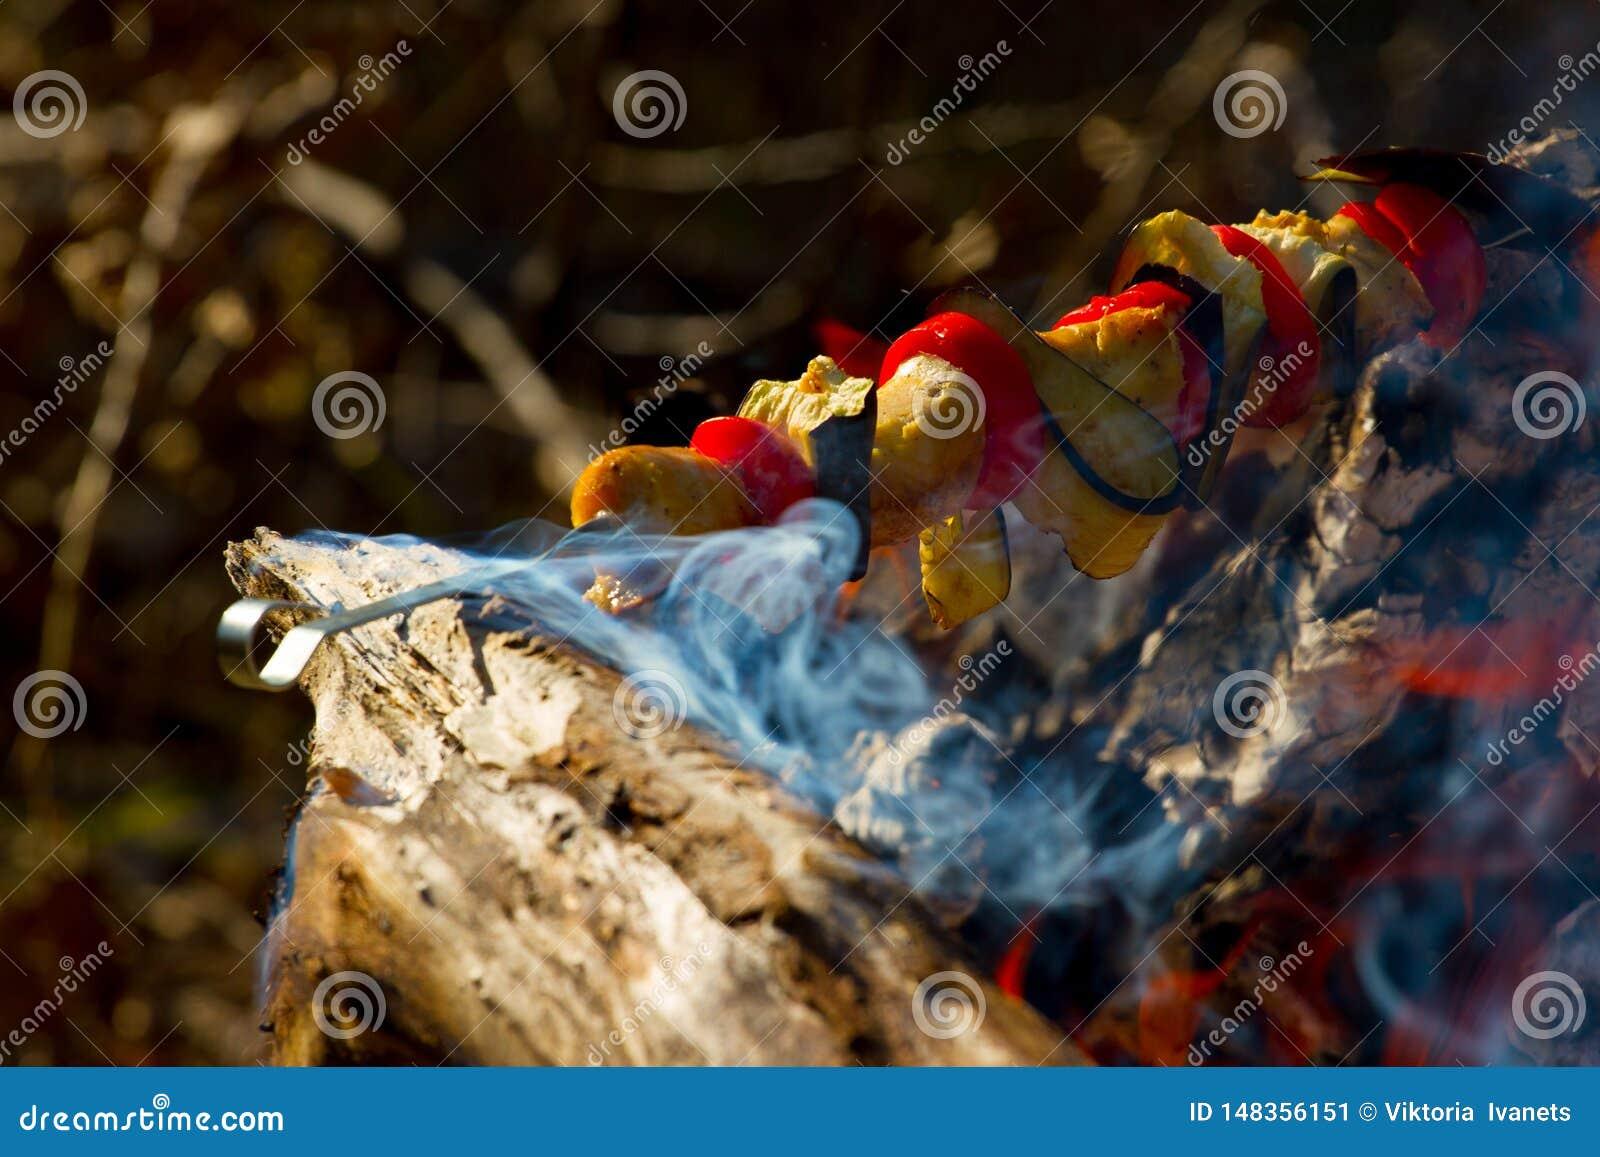 Roasted зажарило томат, баклажаны на ручке на открытом огне